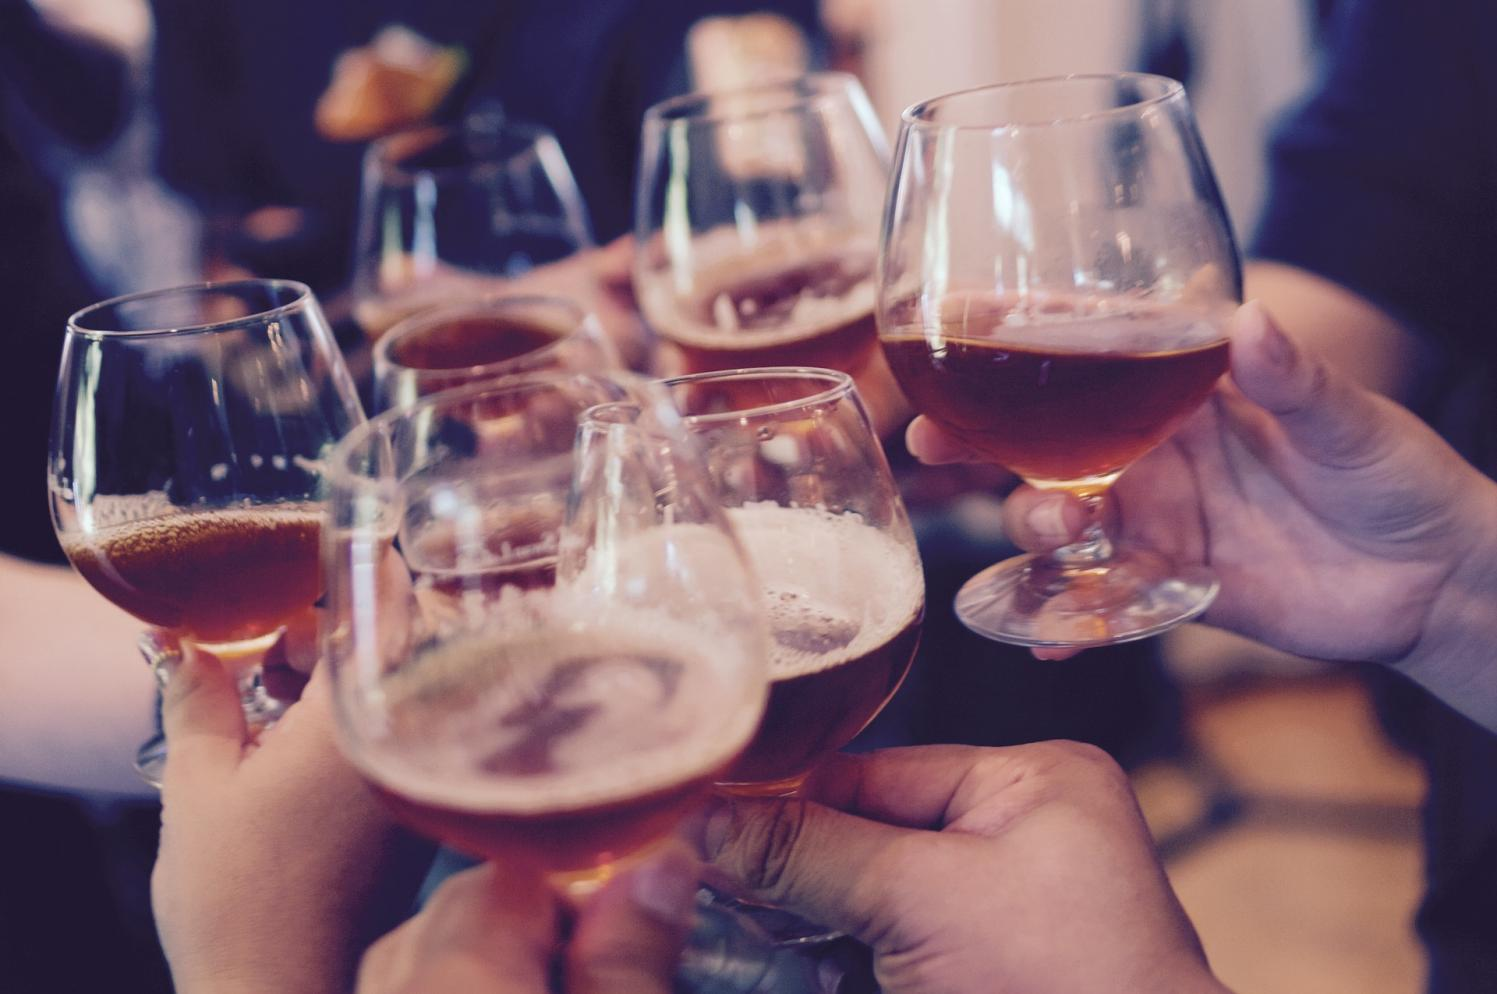 Projeto aprovado regulariza horário de funcionamento de bares próximos às escolas em Limeira